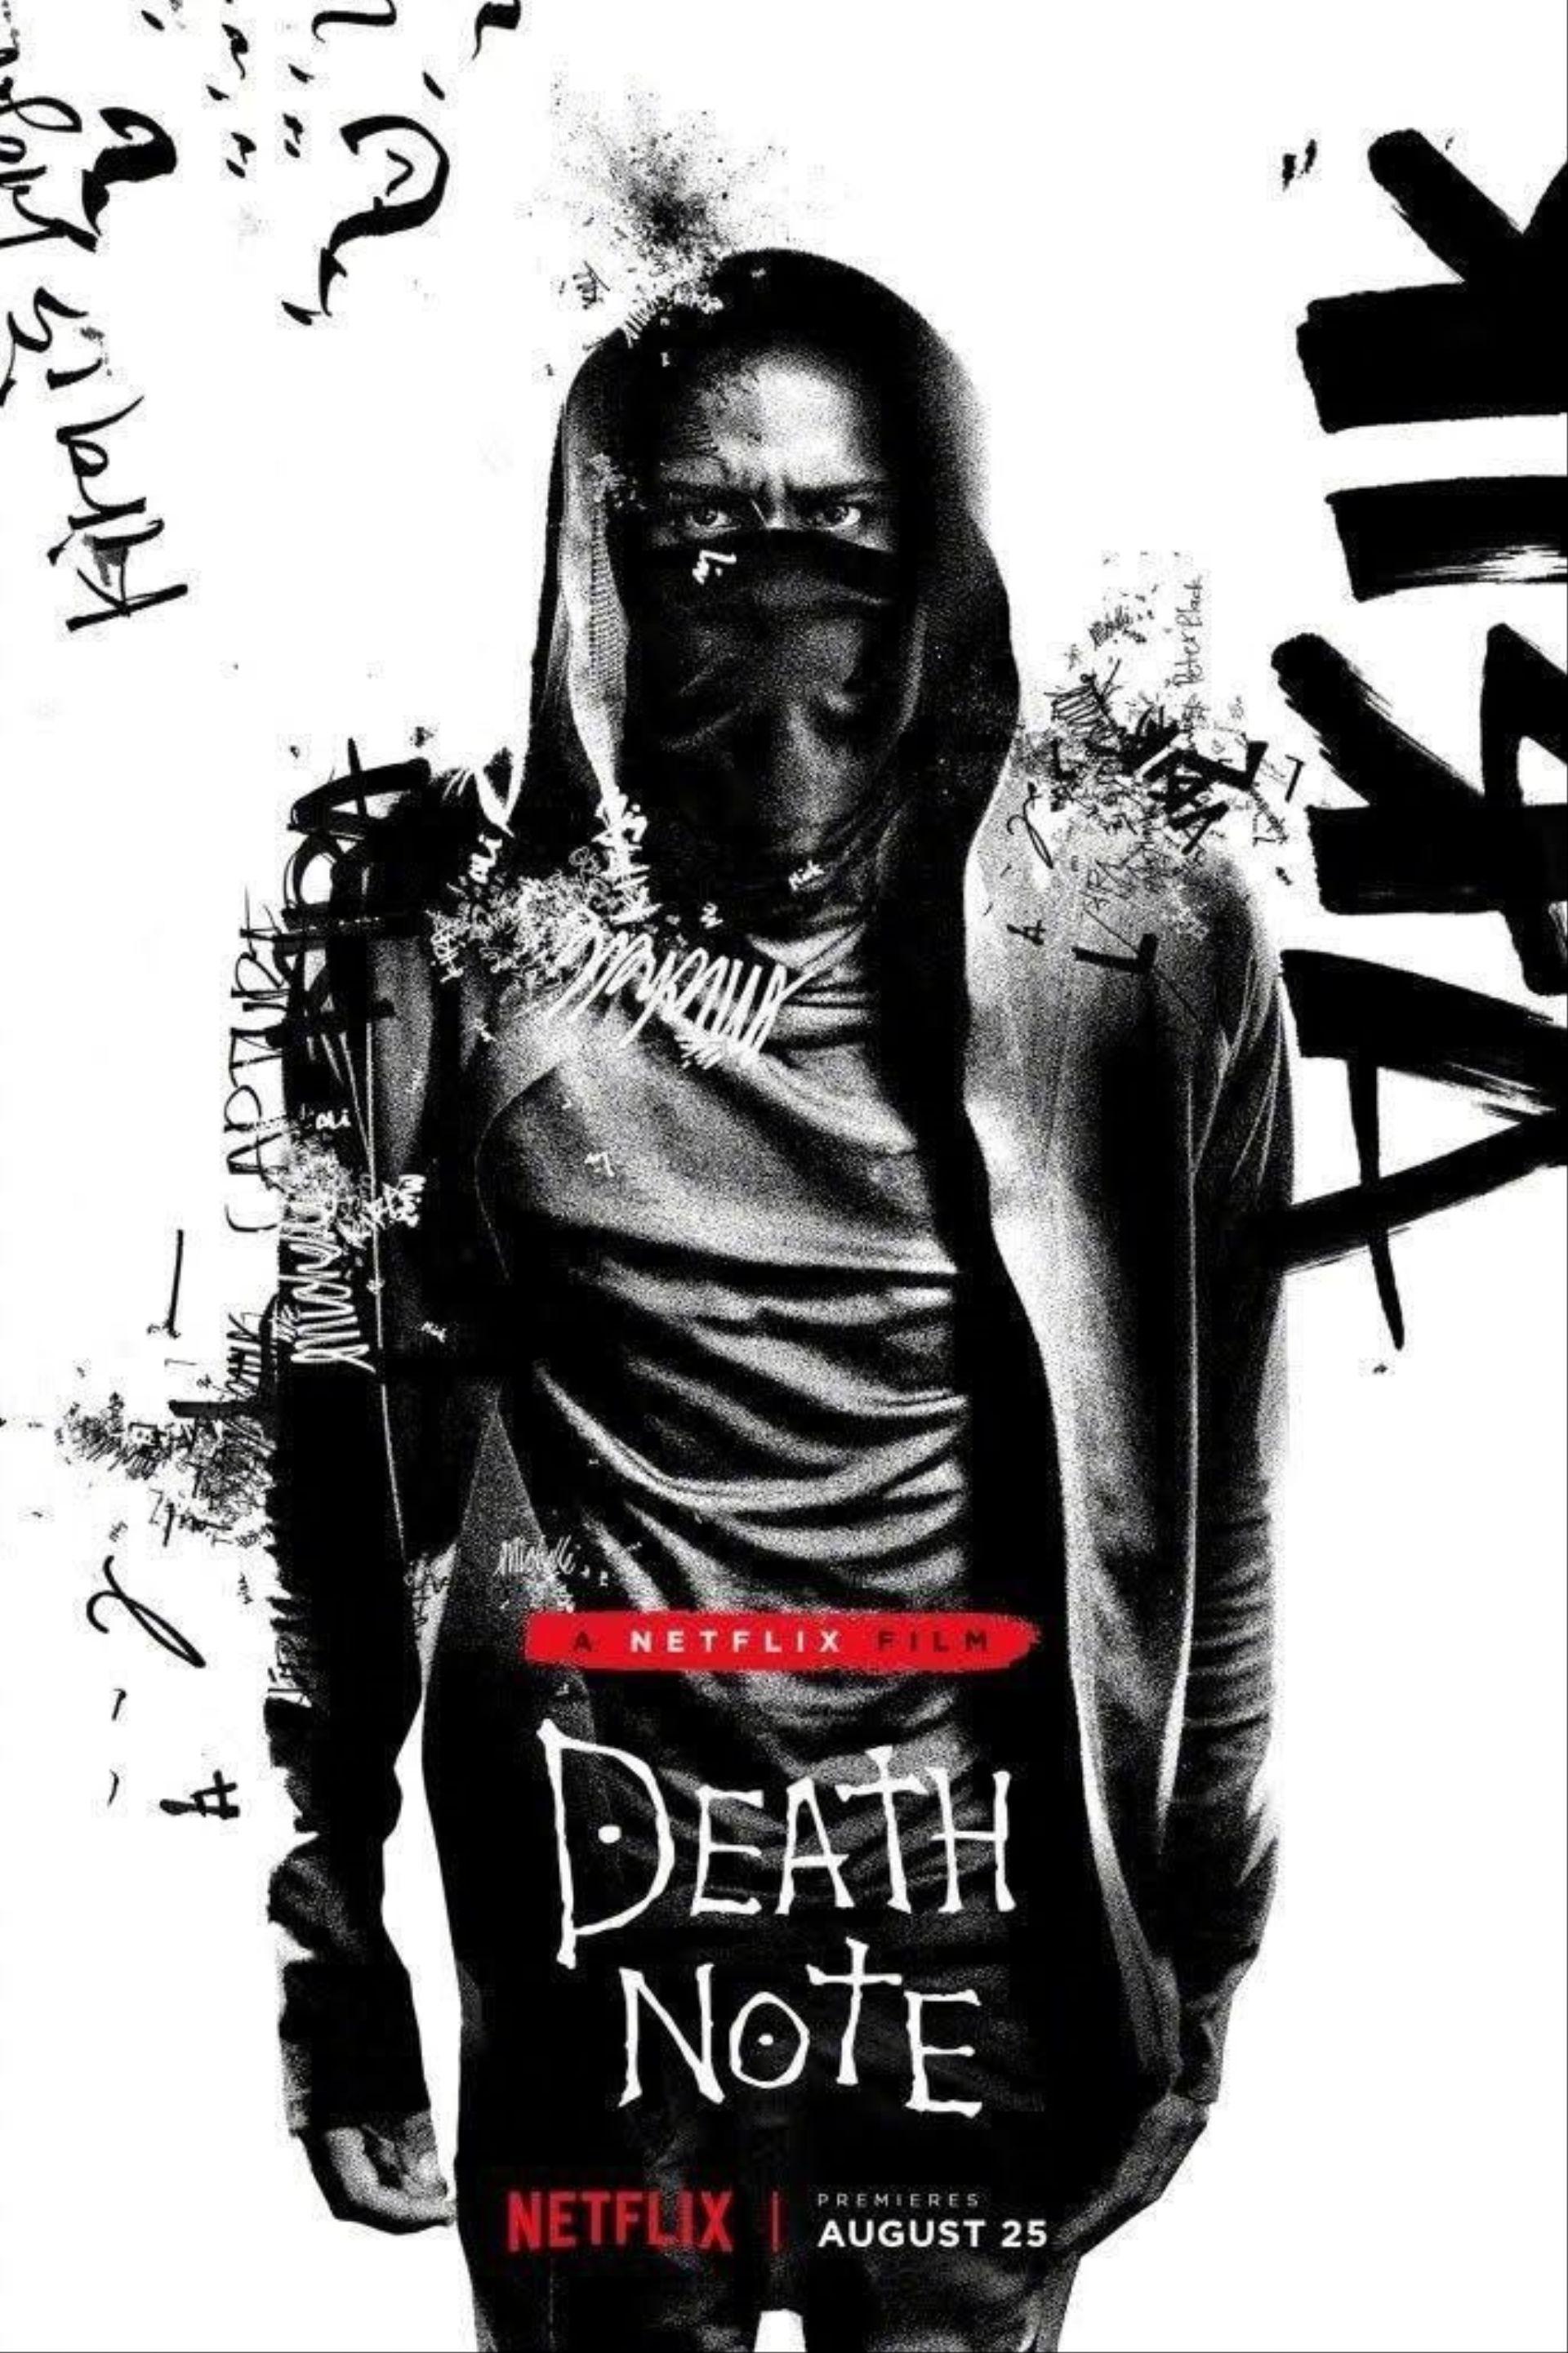 netflix将拍美版《死亡笔记》续集 或由《生化危机》编剧编写